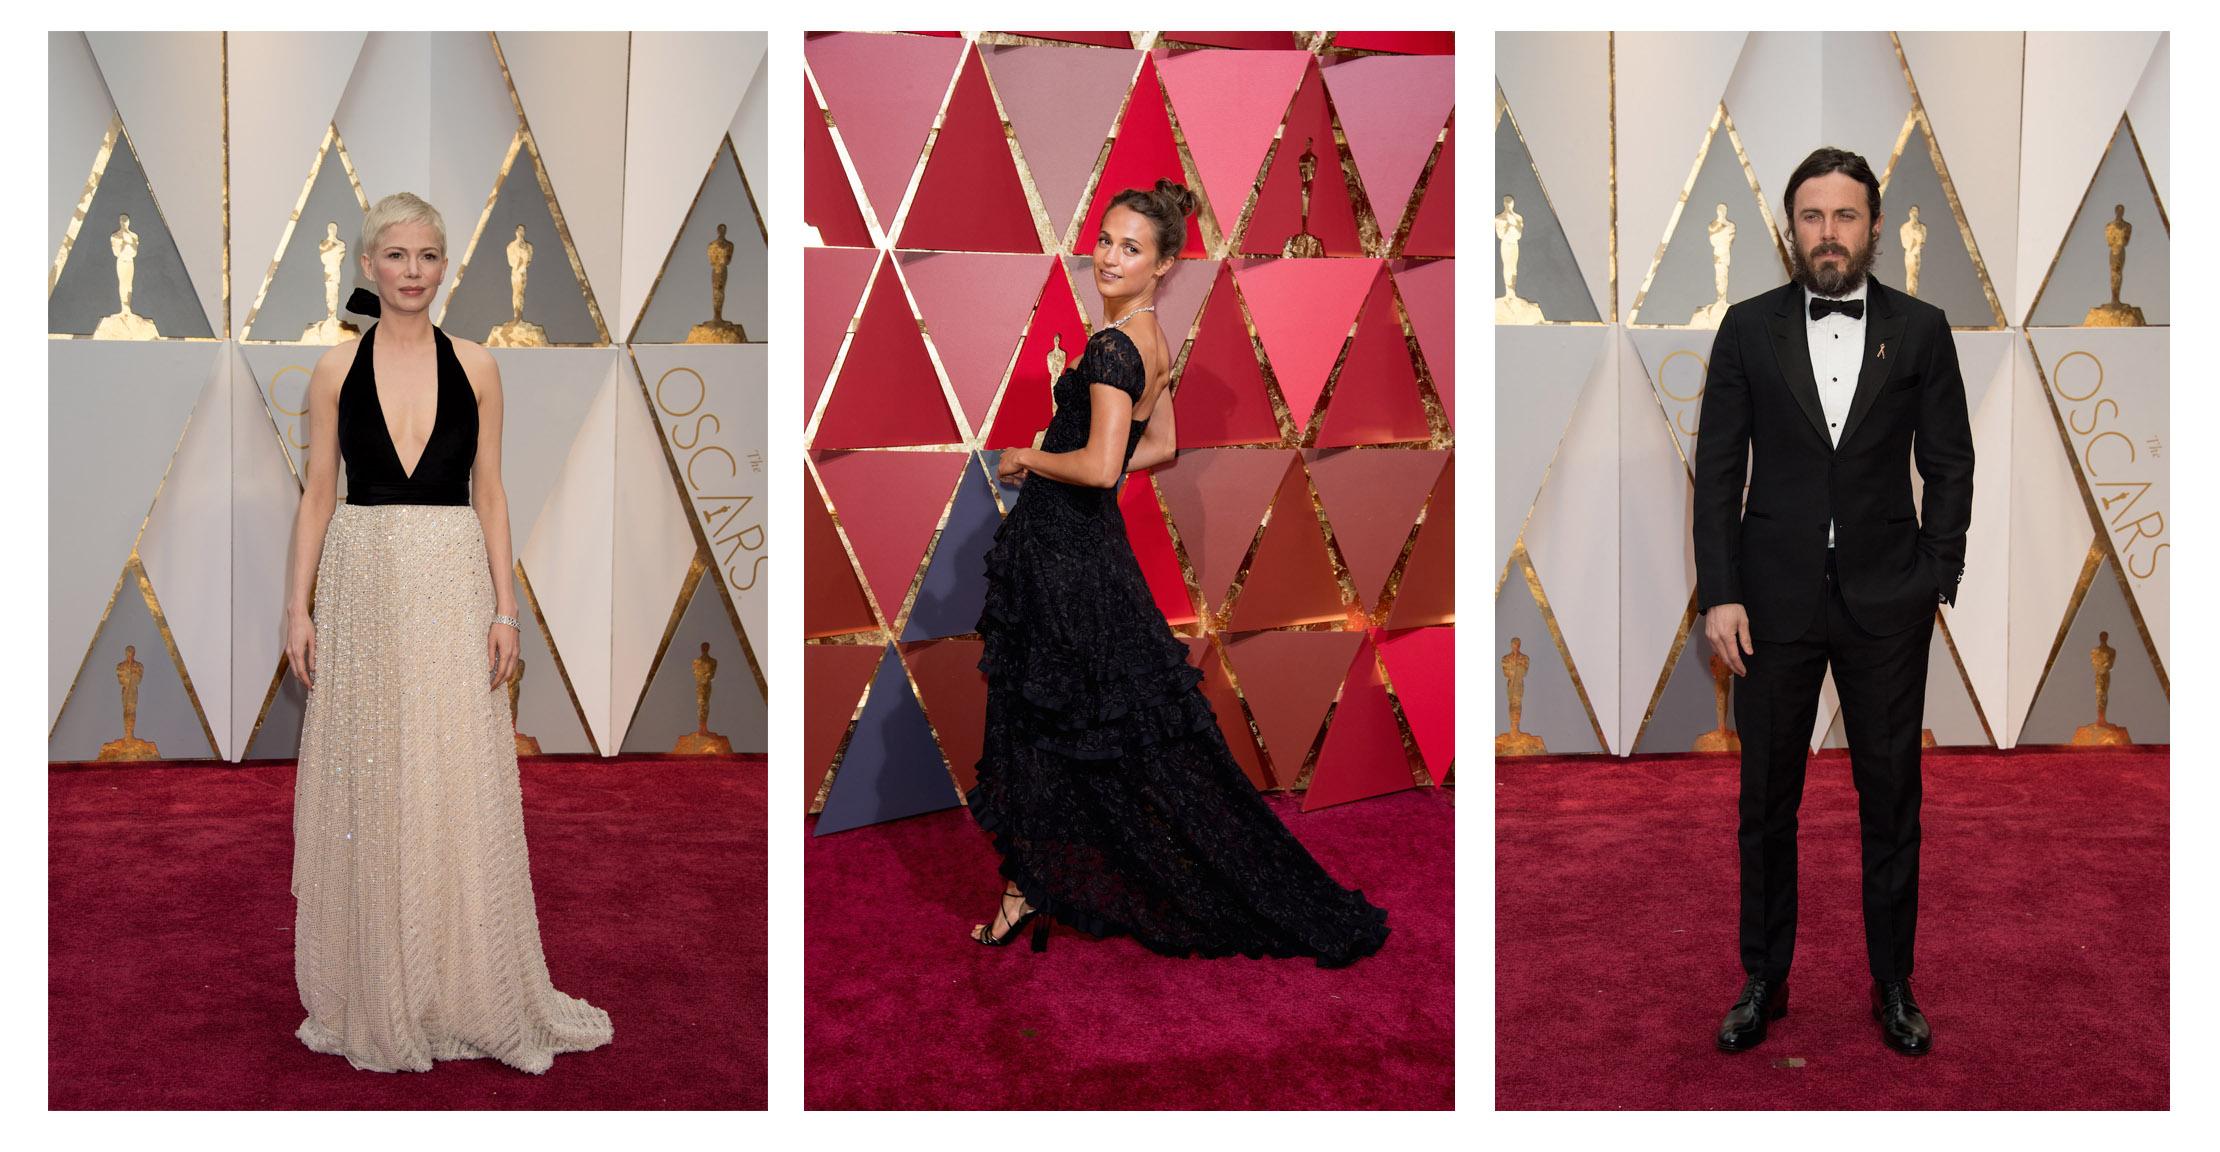 Louis Vuitton Red Carpet Oscars® 4Chion Lifestyle